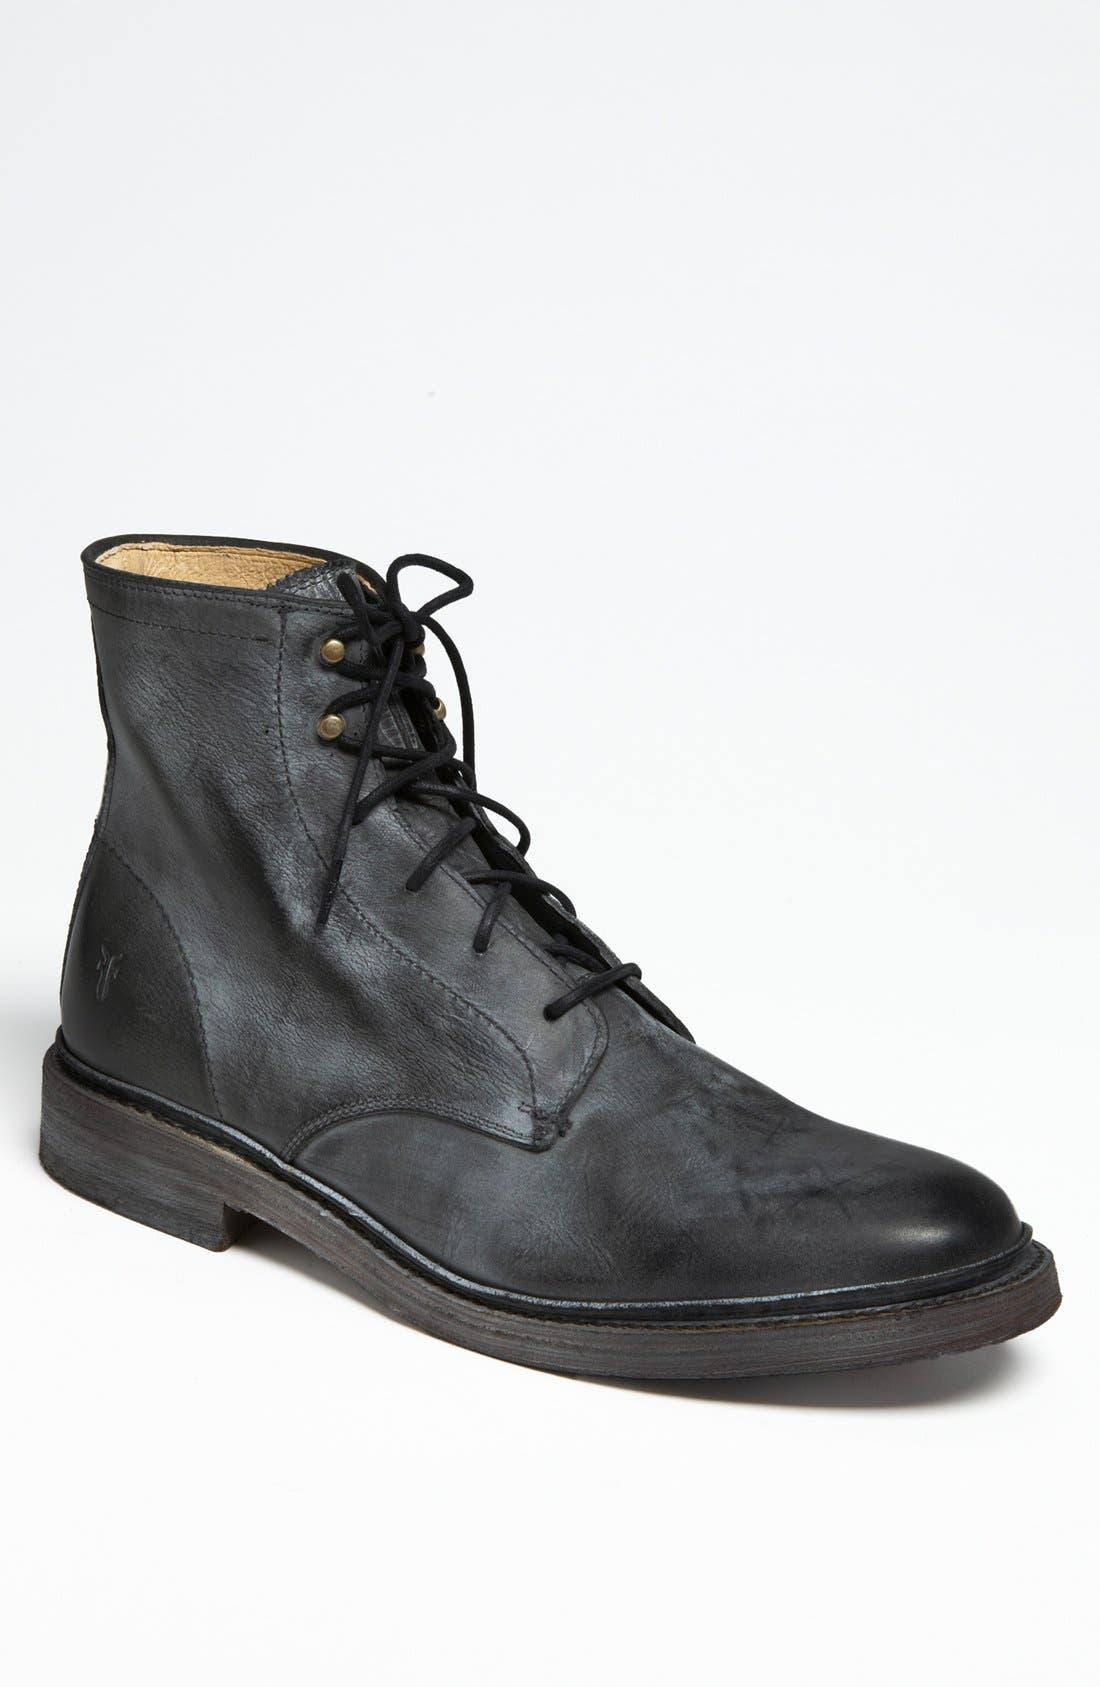 Main Image - Frye 'James' Boot (Men)